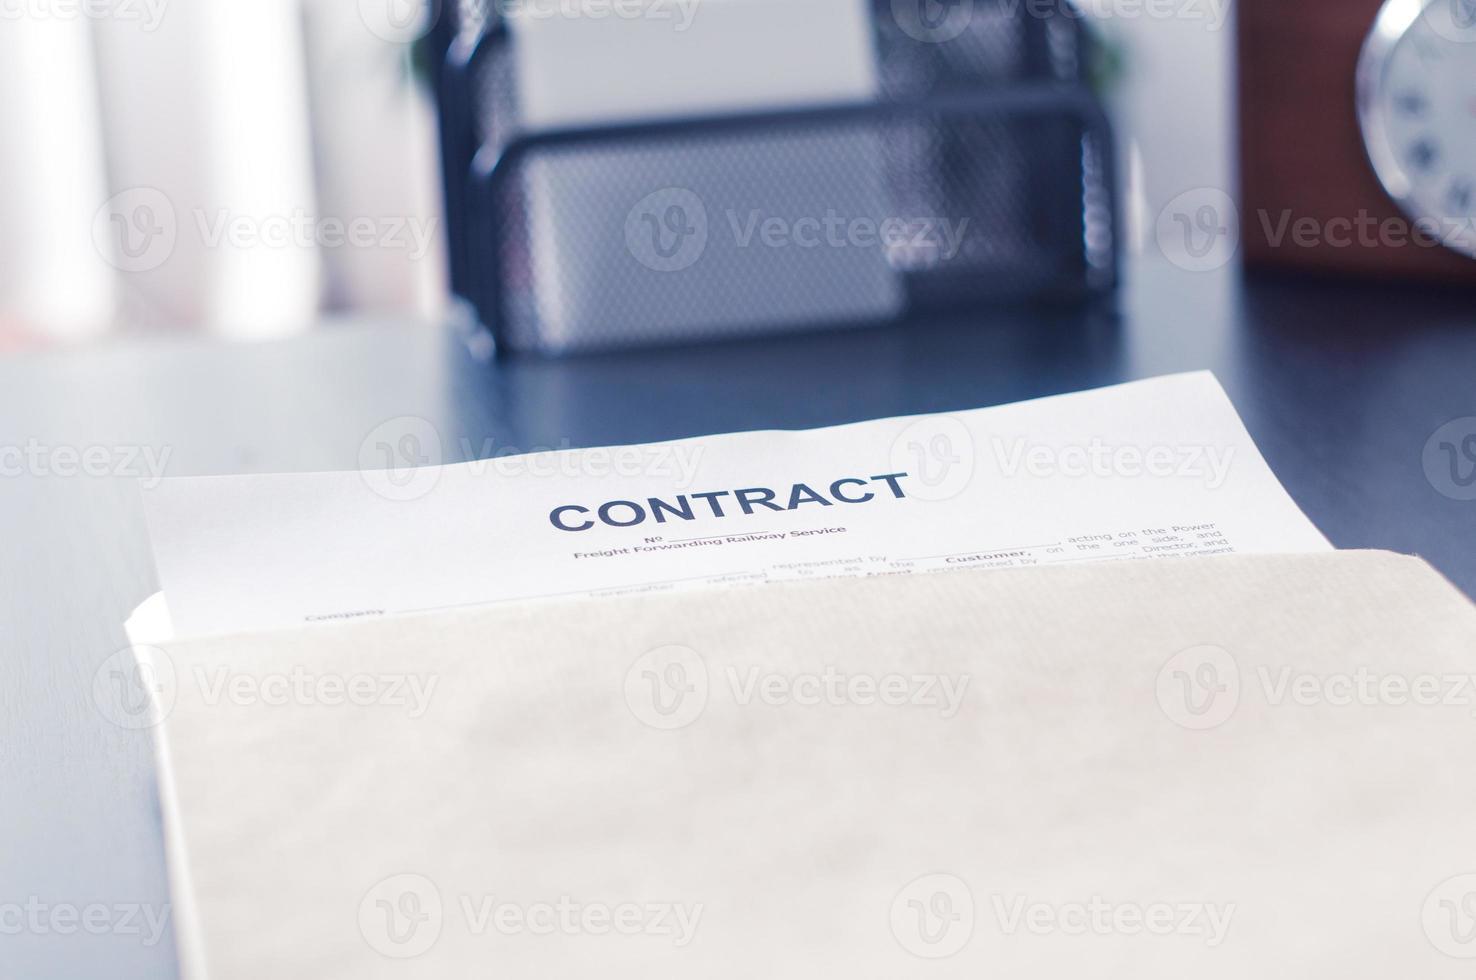 Vertrag in einem braunen Umschlag auf schwarzem Tisch foto